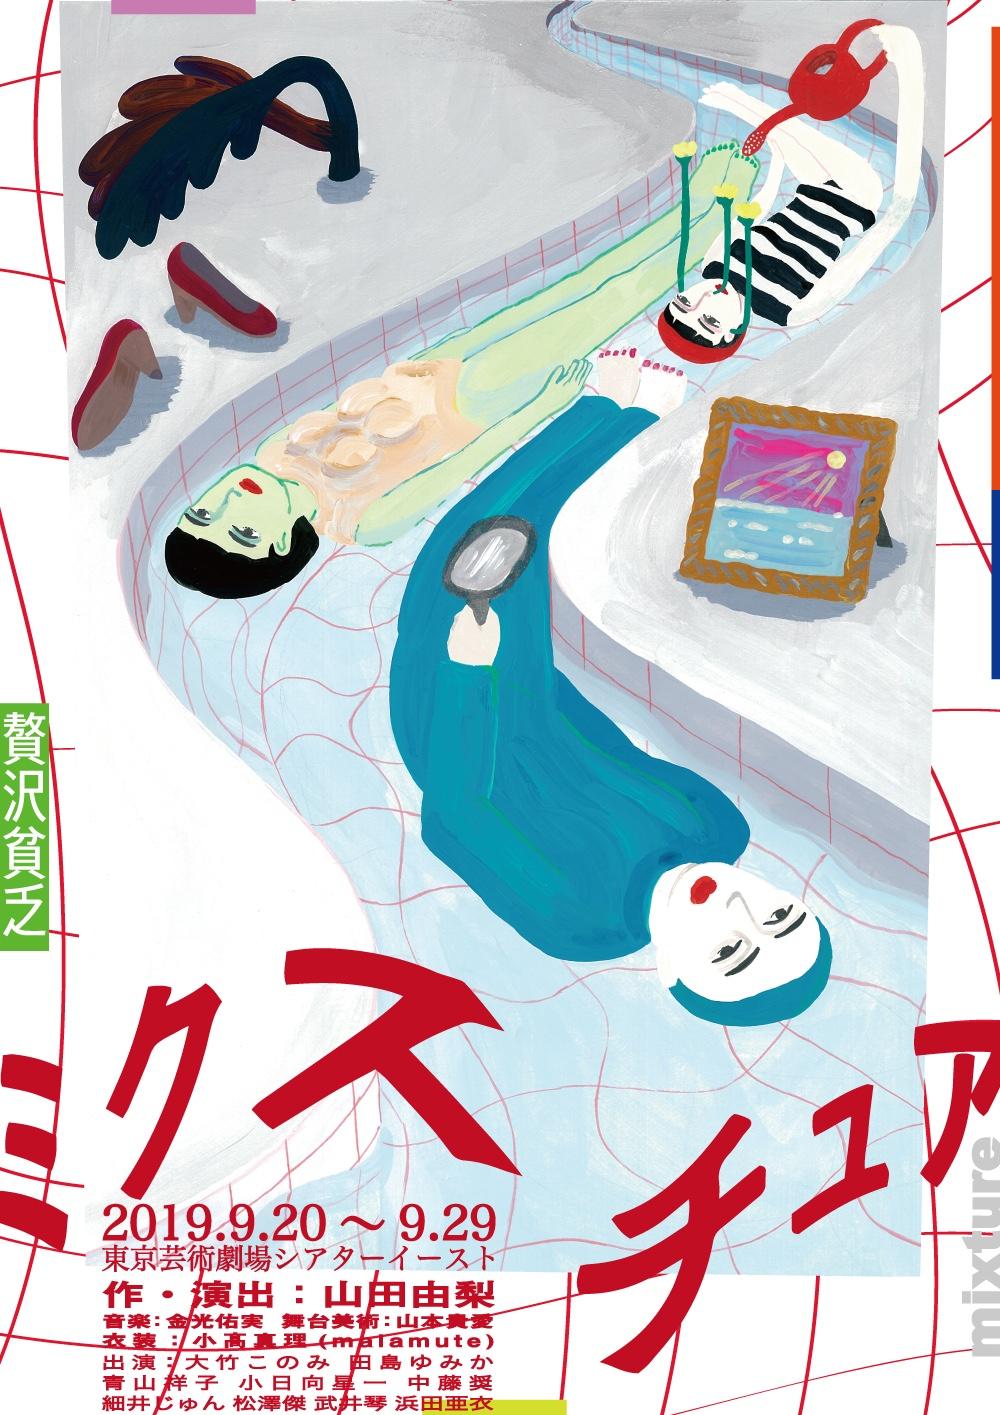 9月22日(日)18:00 贅沢貧乏『ミクスチュア』